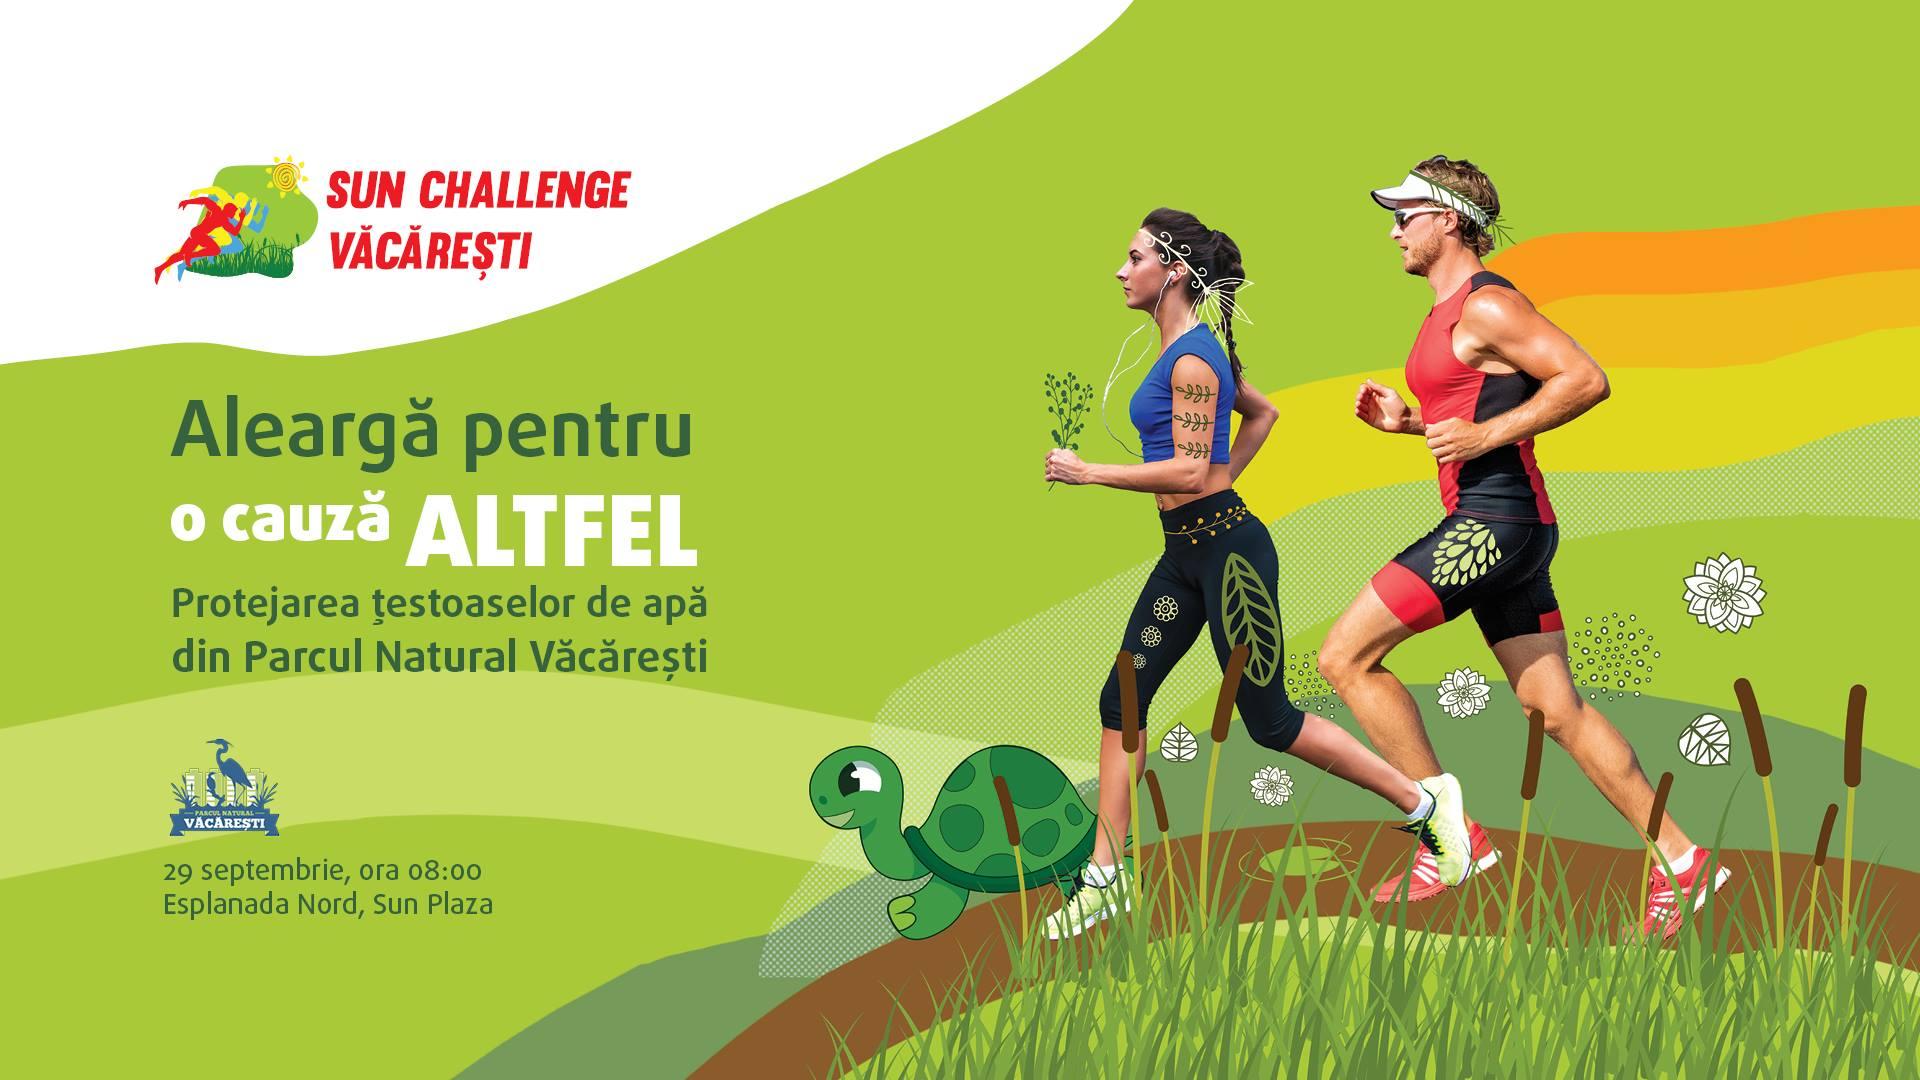 Aleargă pentru țestoasele din Parcul Natural Văcărești!